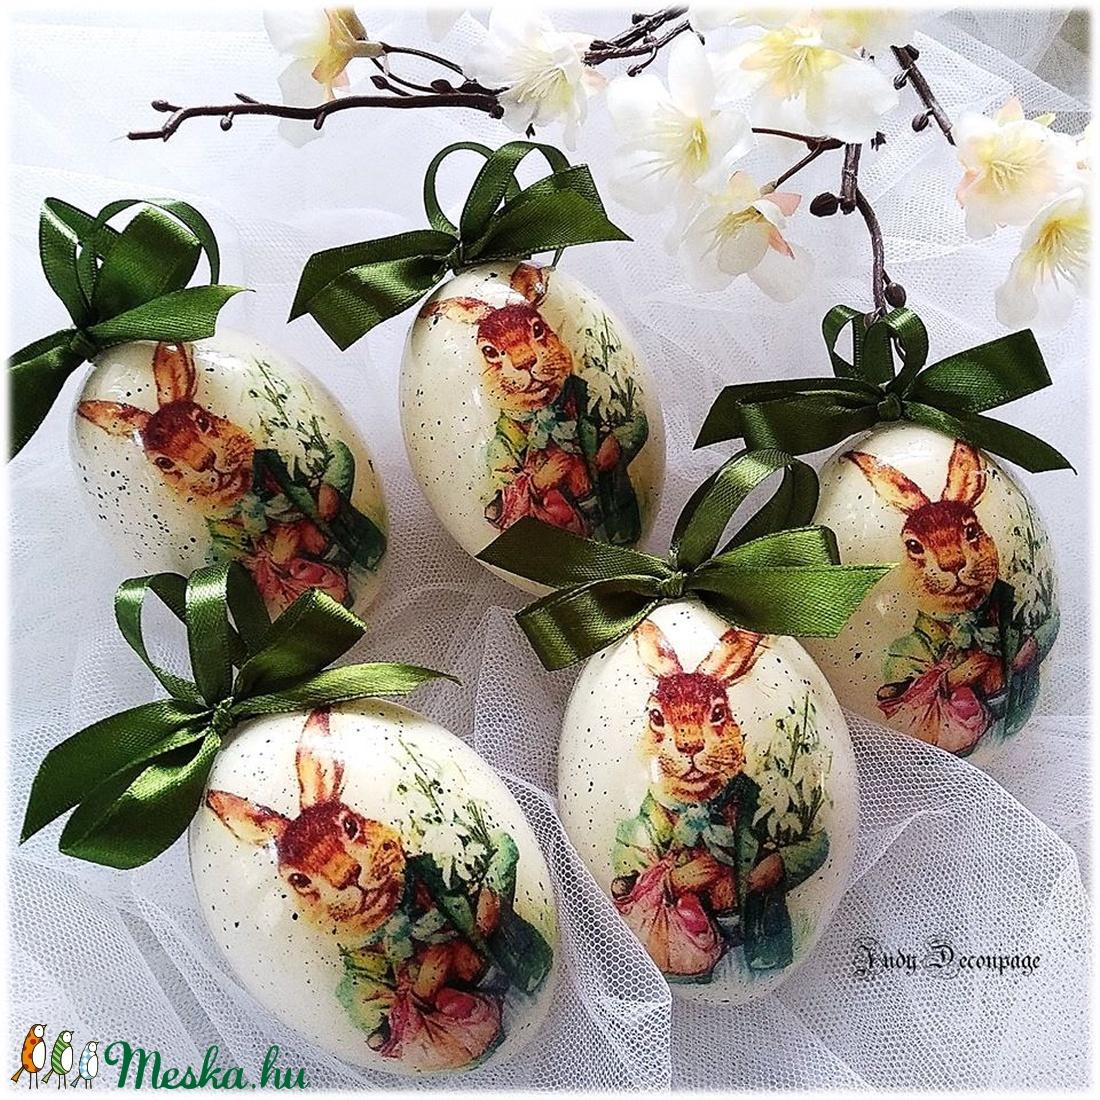 Szétnyitható nyuszis tojások (Judydesing) - Meska.hu